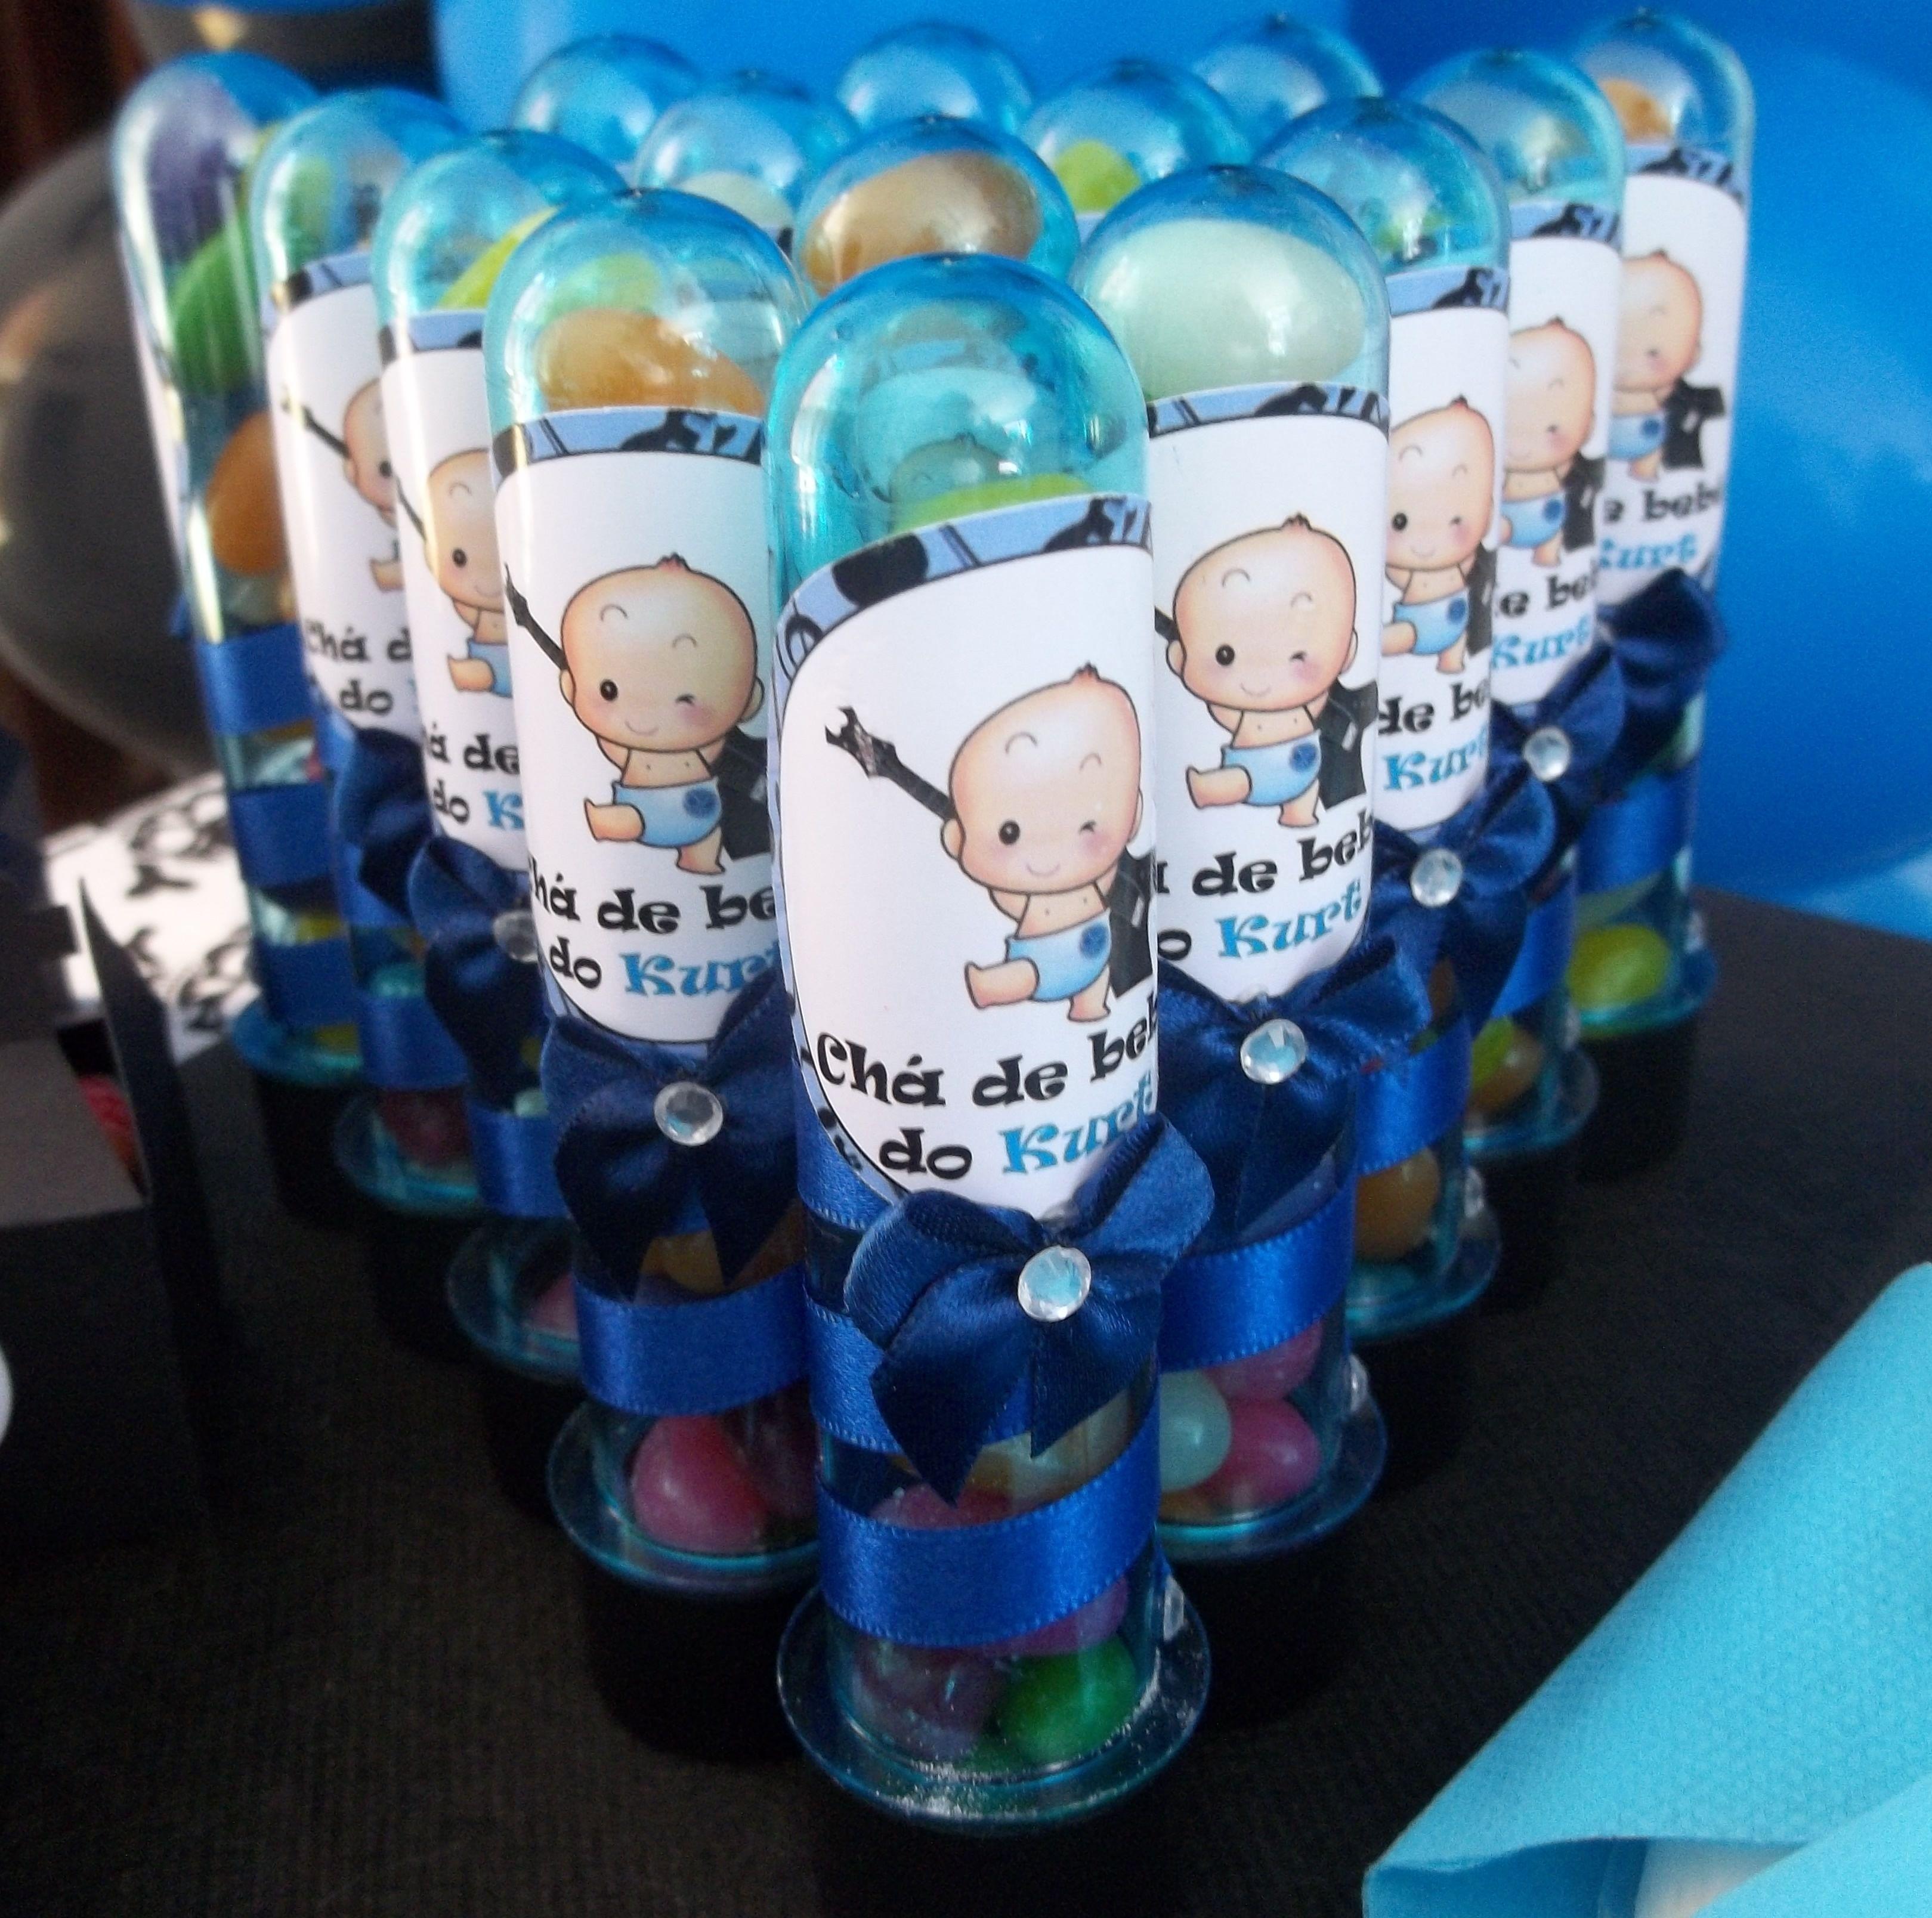 Tubetes personalizados com o tema Chá de Bebê Rock. Confeccionamos em outros temas. Entre em contato conosco através do email: contato@artesanadia.com.br